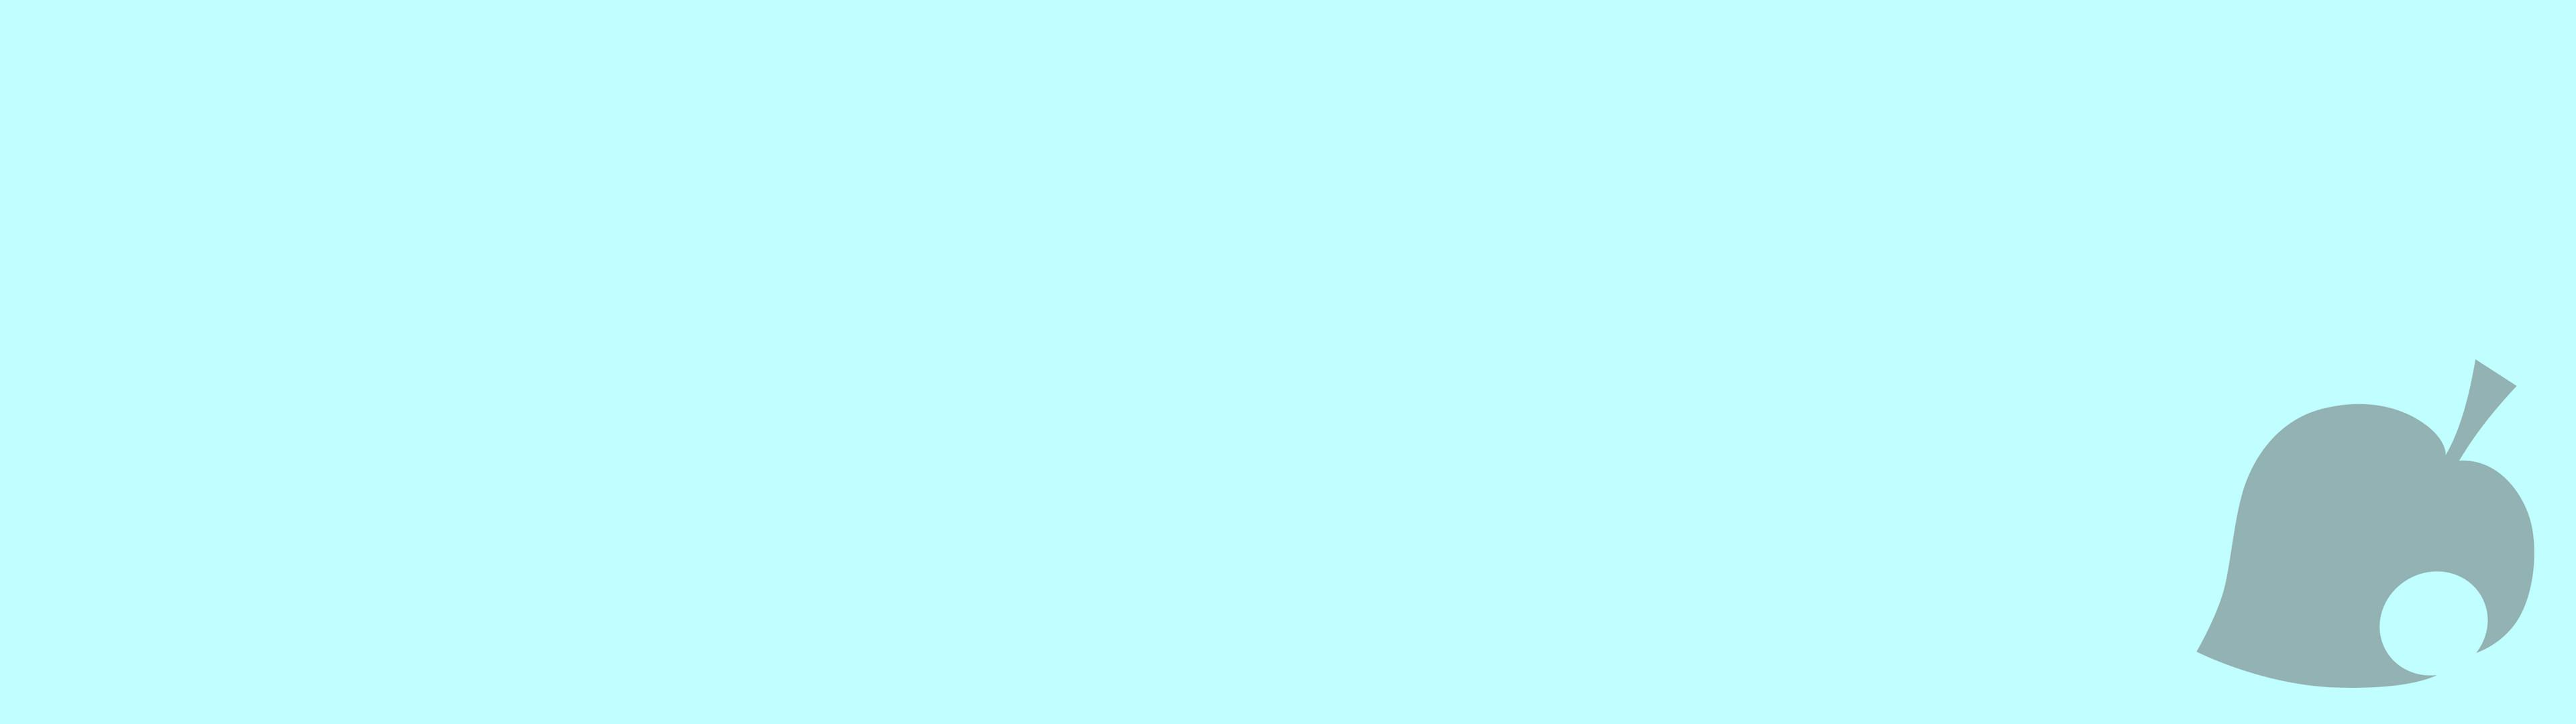 General Animal Crossing New Leaf Animal Crossing New Leaf logo  minimalism blue light blue dual